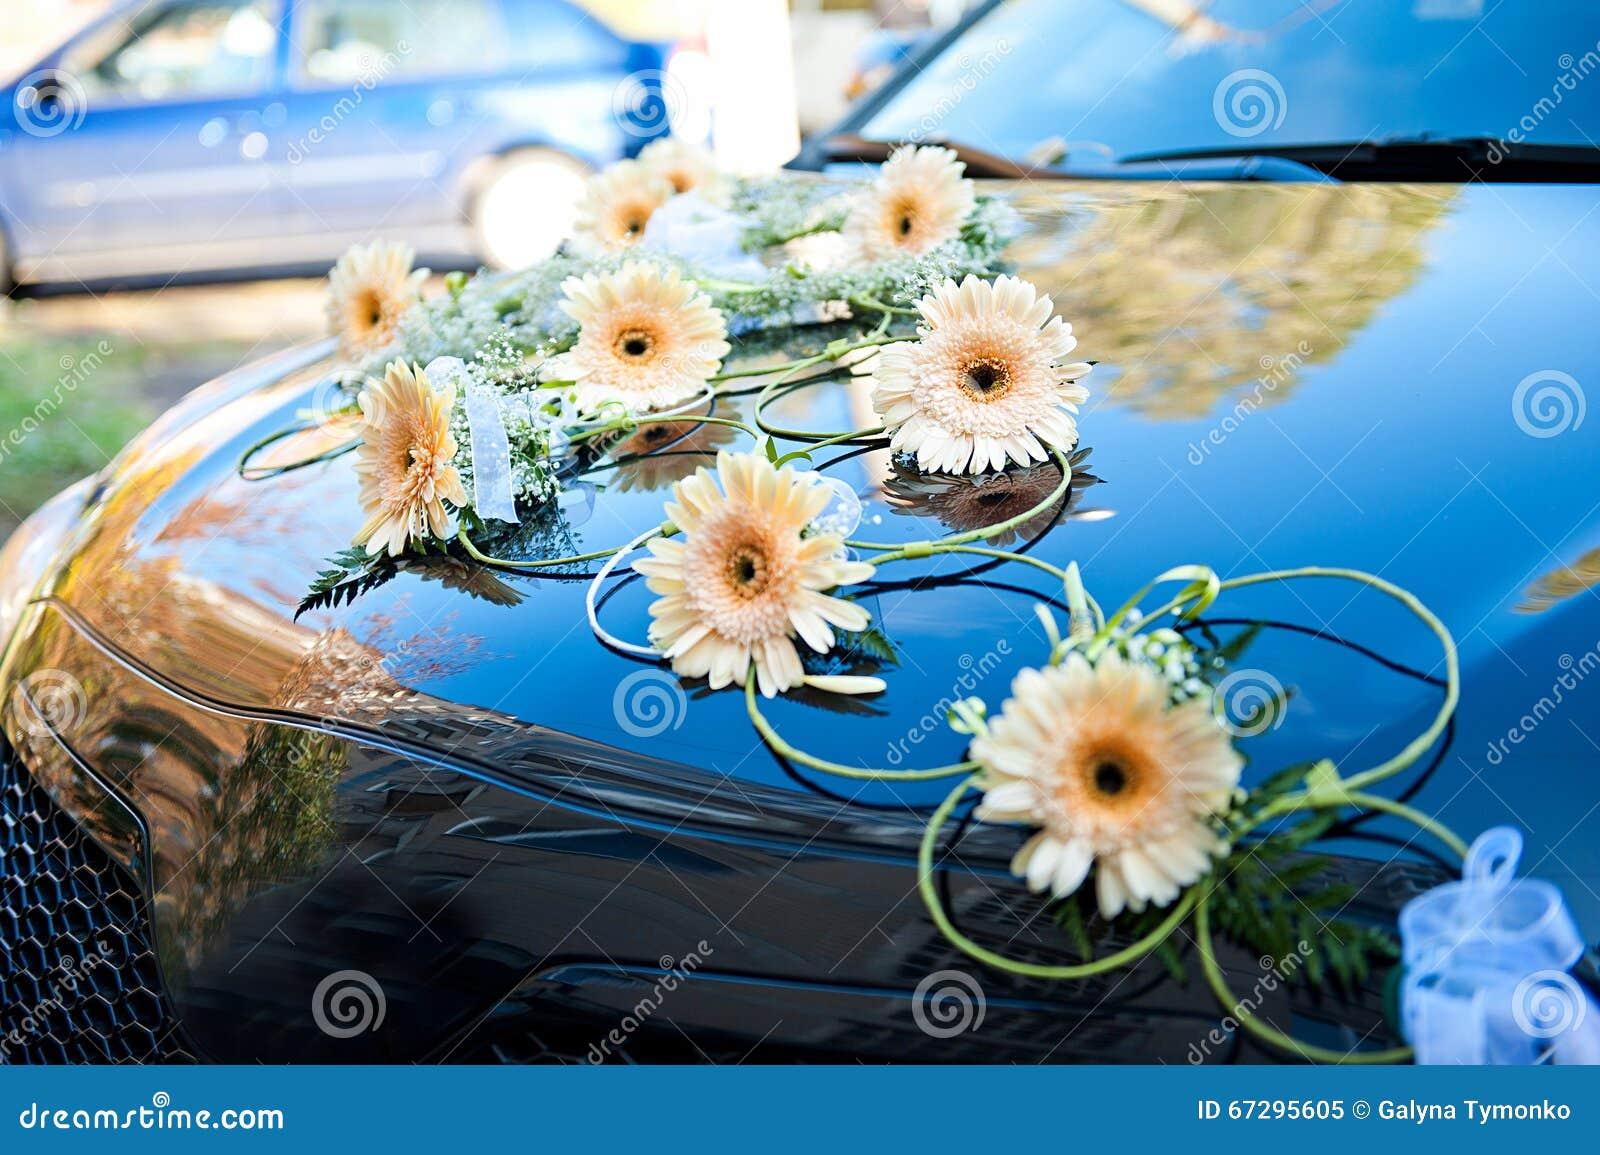 voiture de mariage dcore des fleurs sur le capot - Fleurs Capot De Voiture Mariage